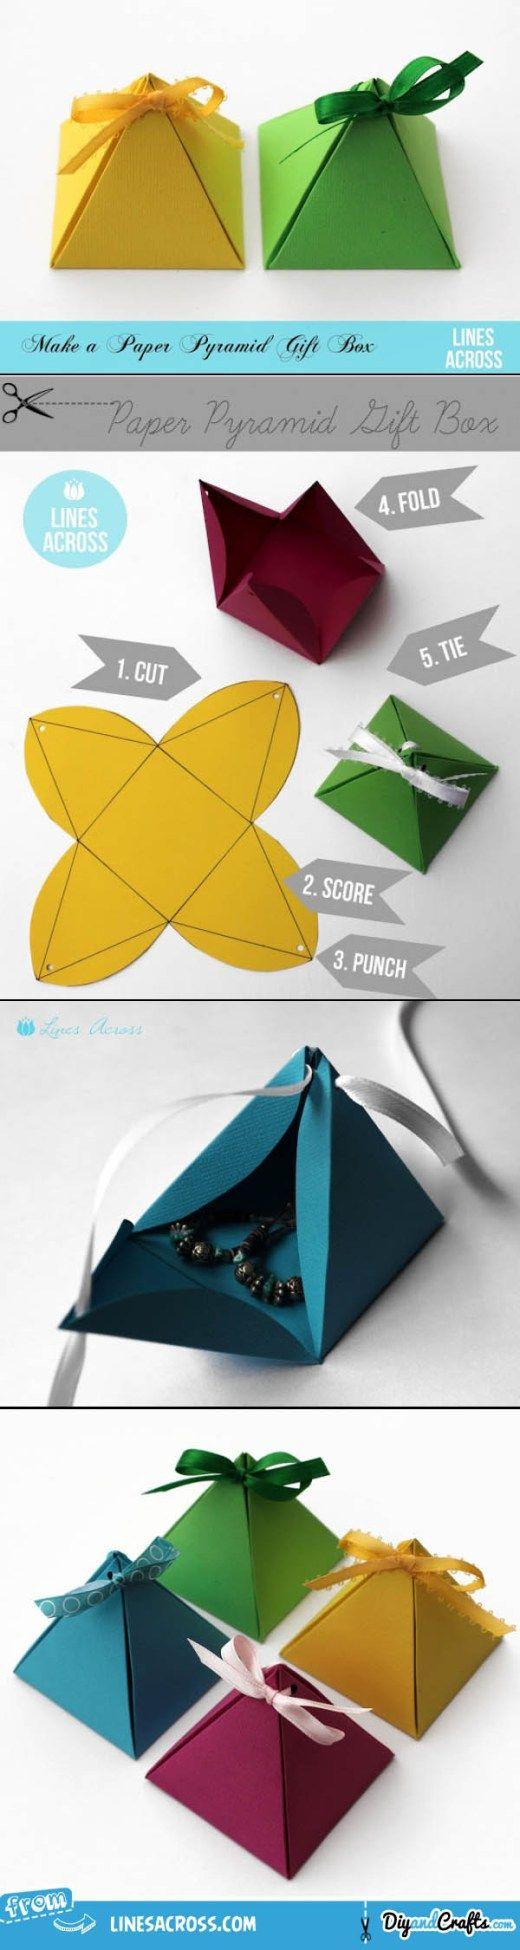 ^^ diy pyramid gift boxes // diy and crafts